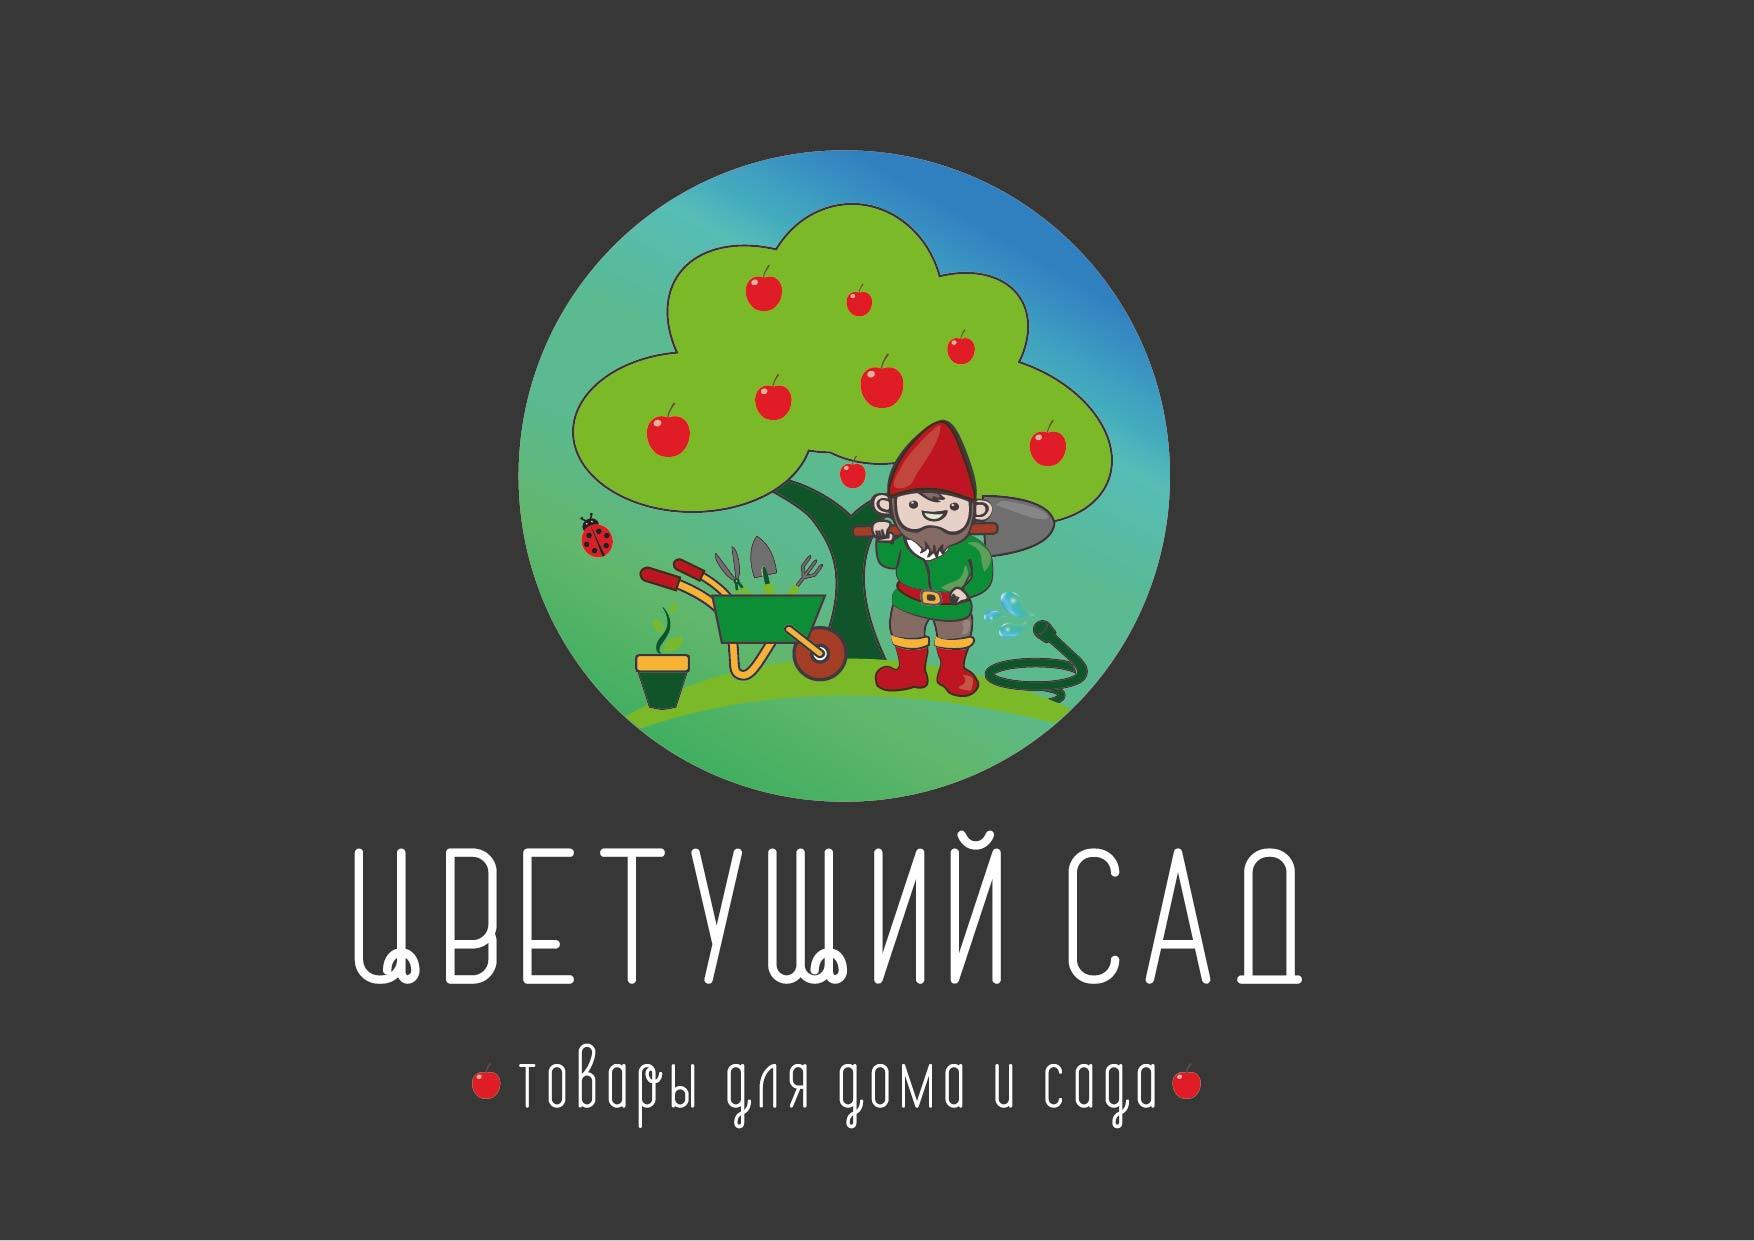 """Логотип для компании """"Цветущий сад"""" фото f_6435b76b43b76c55.jpg"""